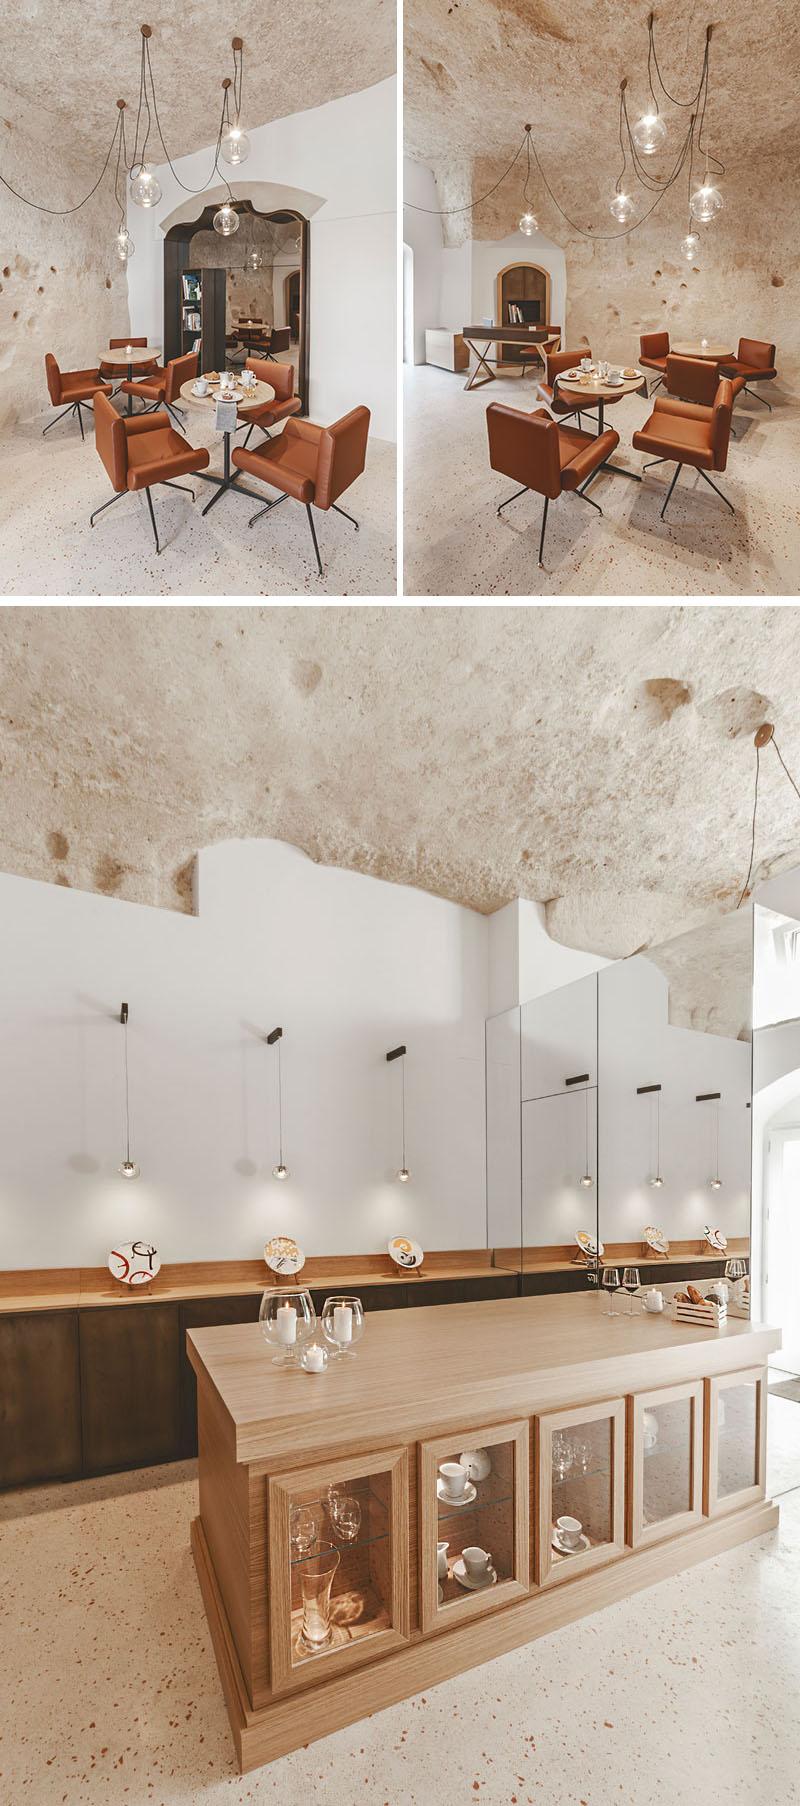 3-hotel-na-italia-mistura-classico-e-contemporaneo